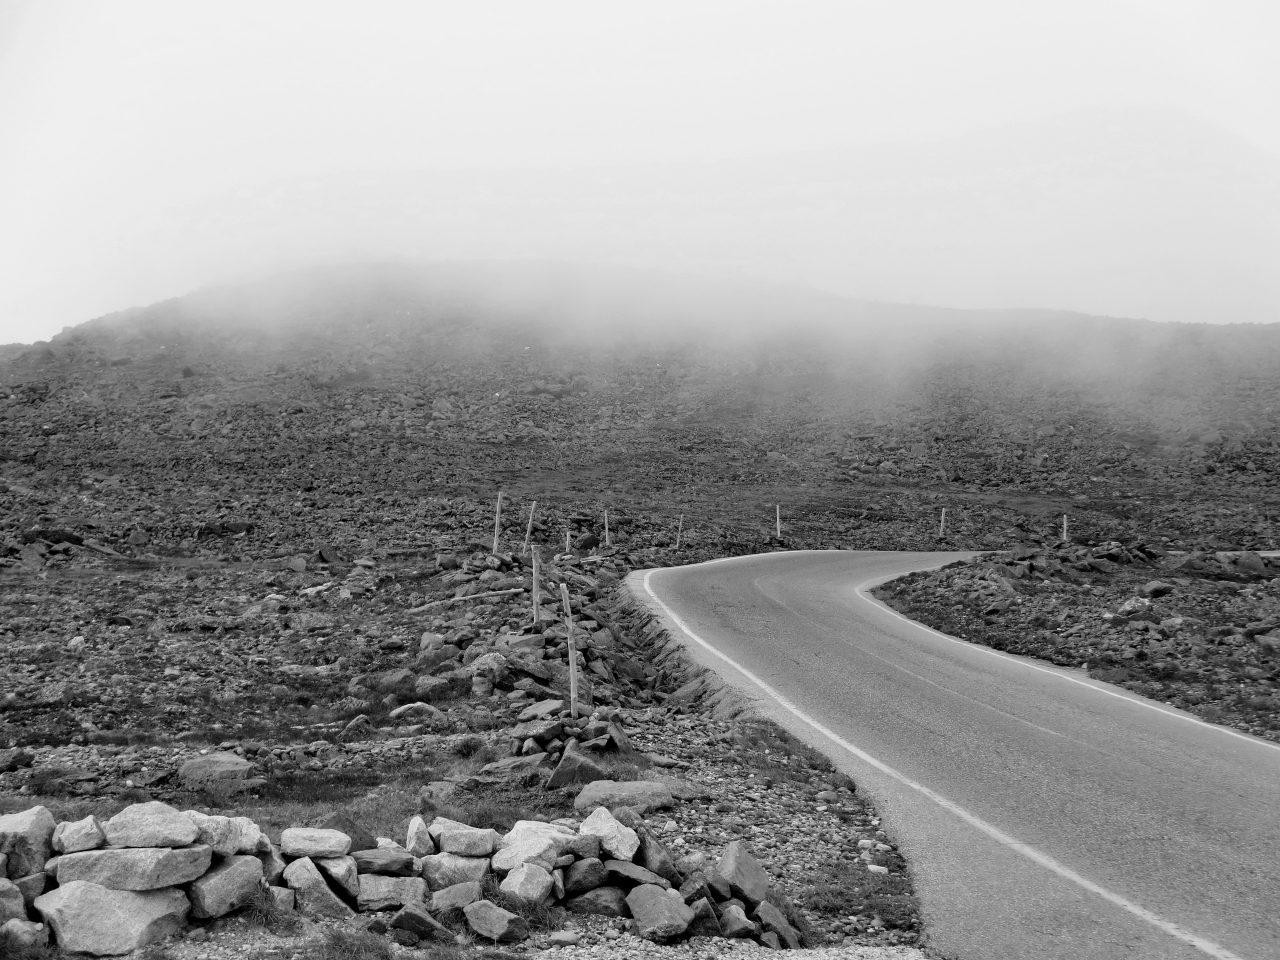 Mount Washington Auto-Road